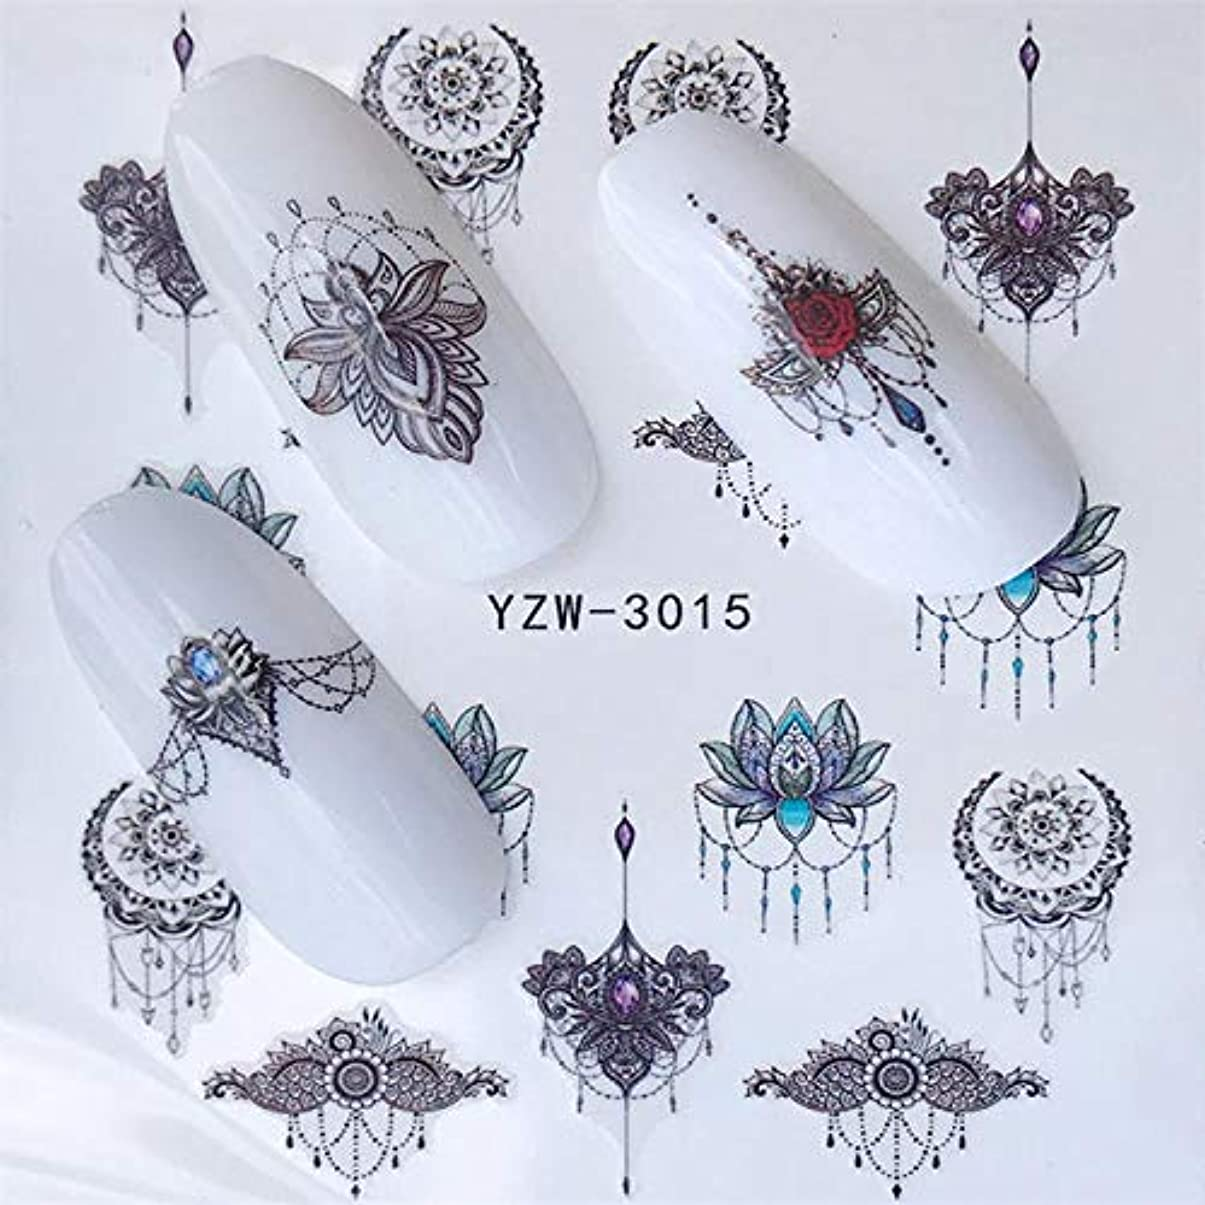 あたり依存太いSUKTI&XIAO ネイルステッカー ネイルアートウォーターマークタトゥーデコレーションネイルステッカー水転写デカール装飾、Yzw-3015用1個の花つるシリーズ